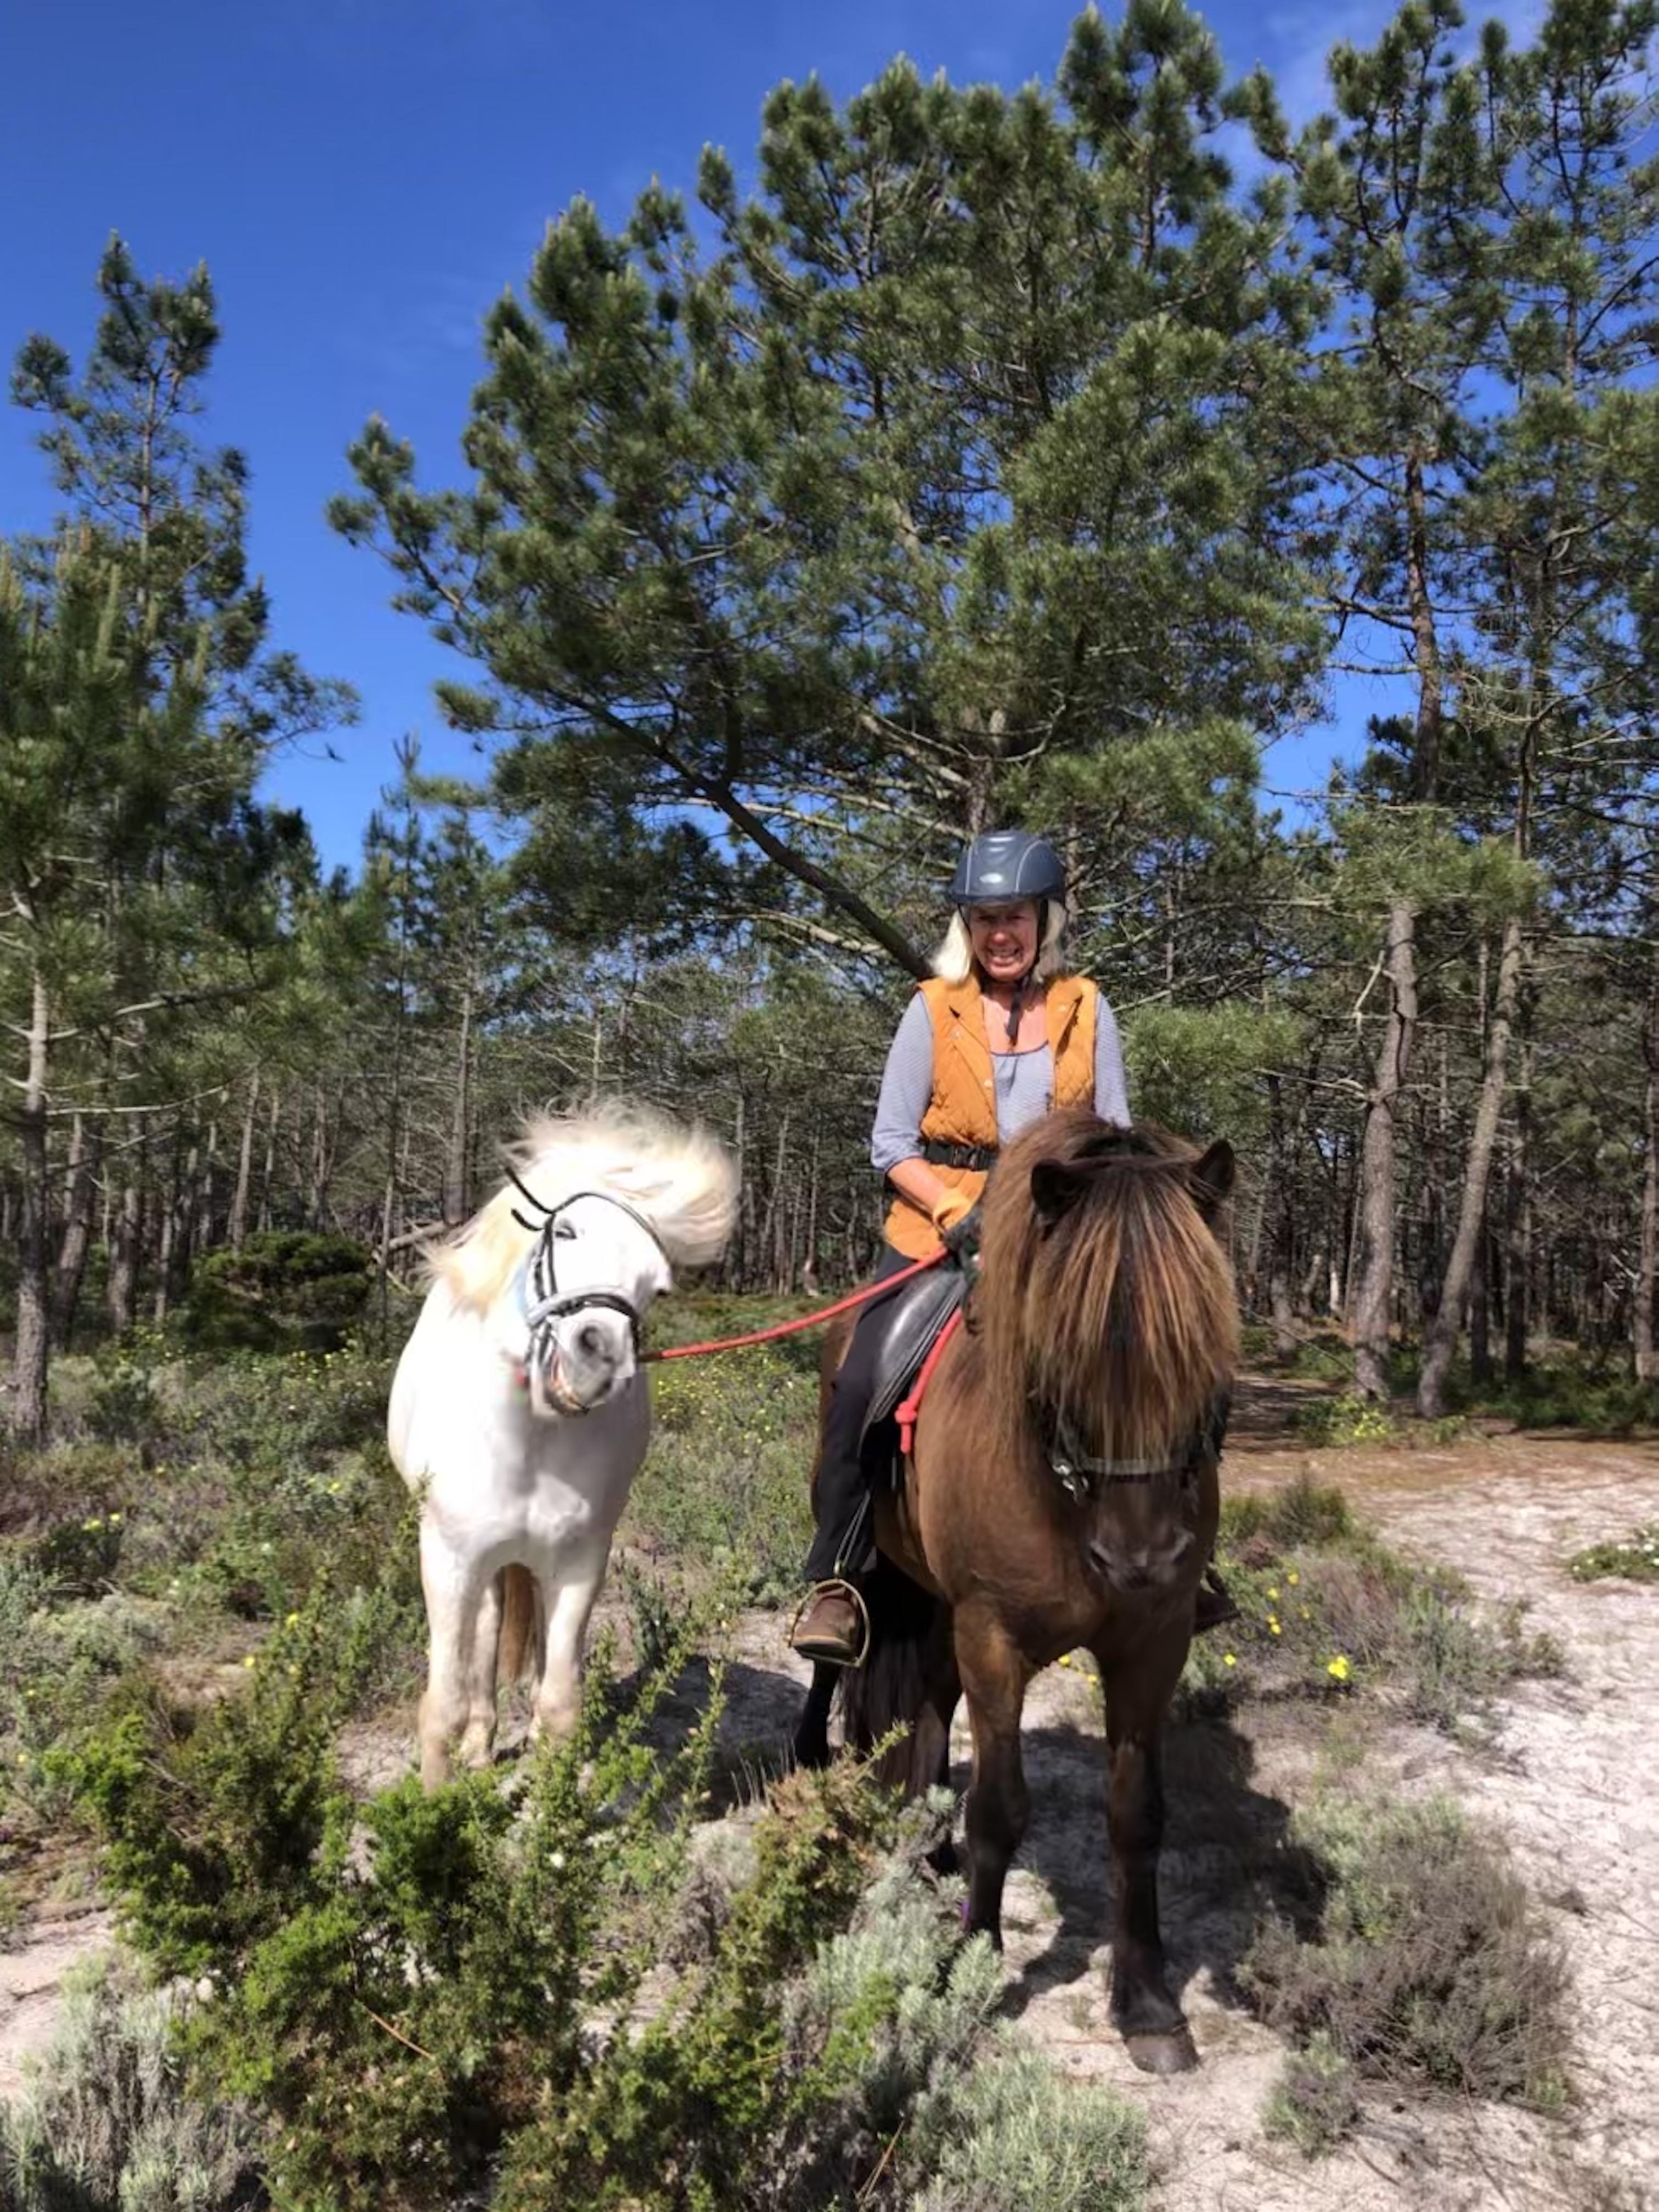 Annette e os seus cavalos Aegir e Midill fazendo um passeio matinal